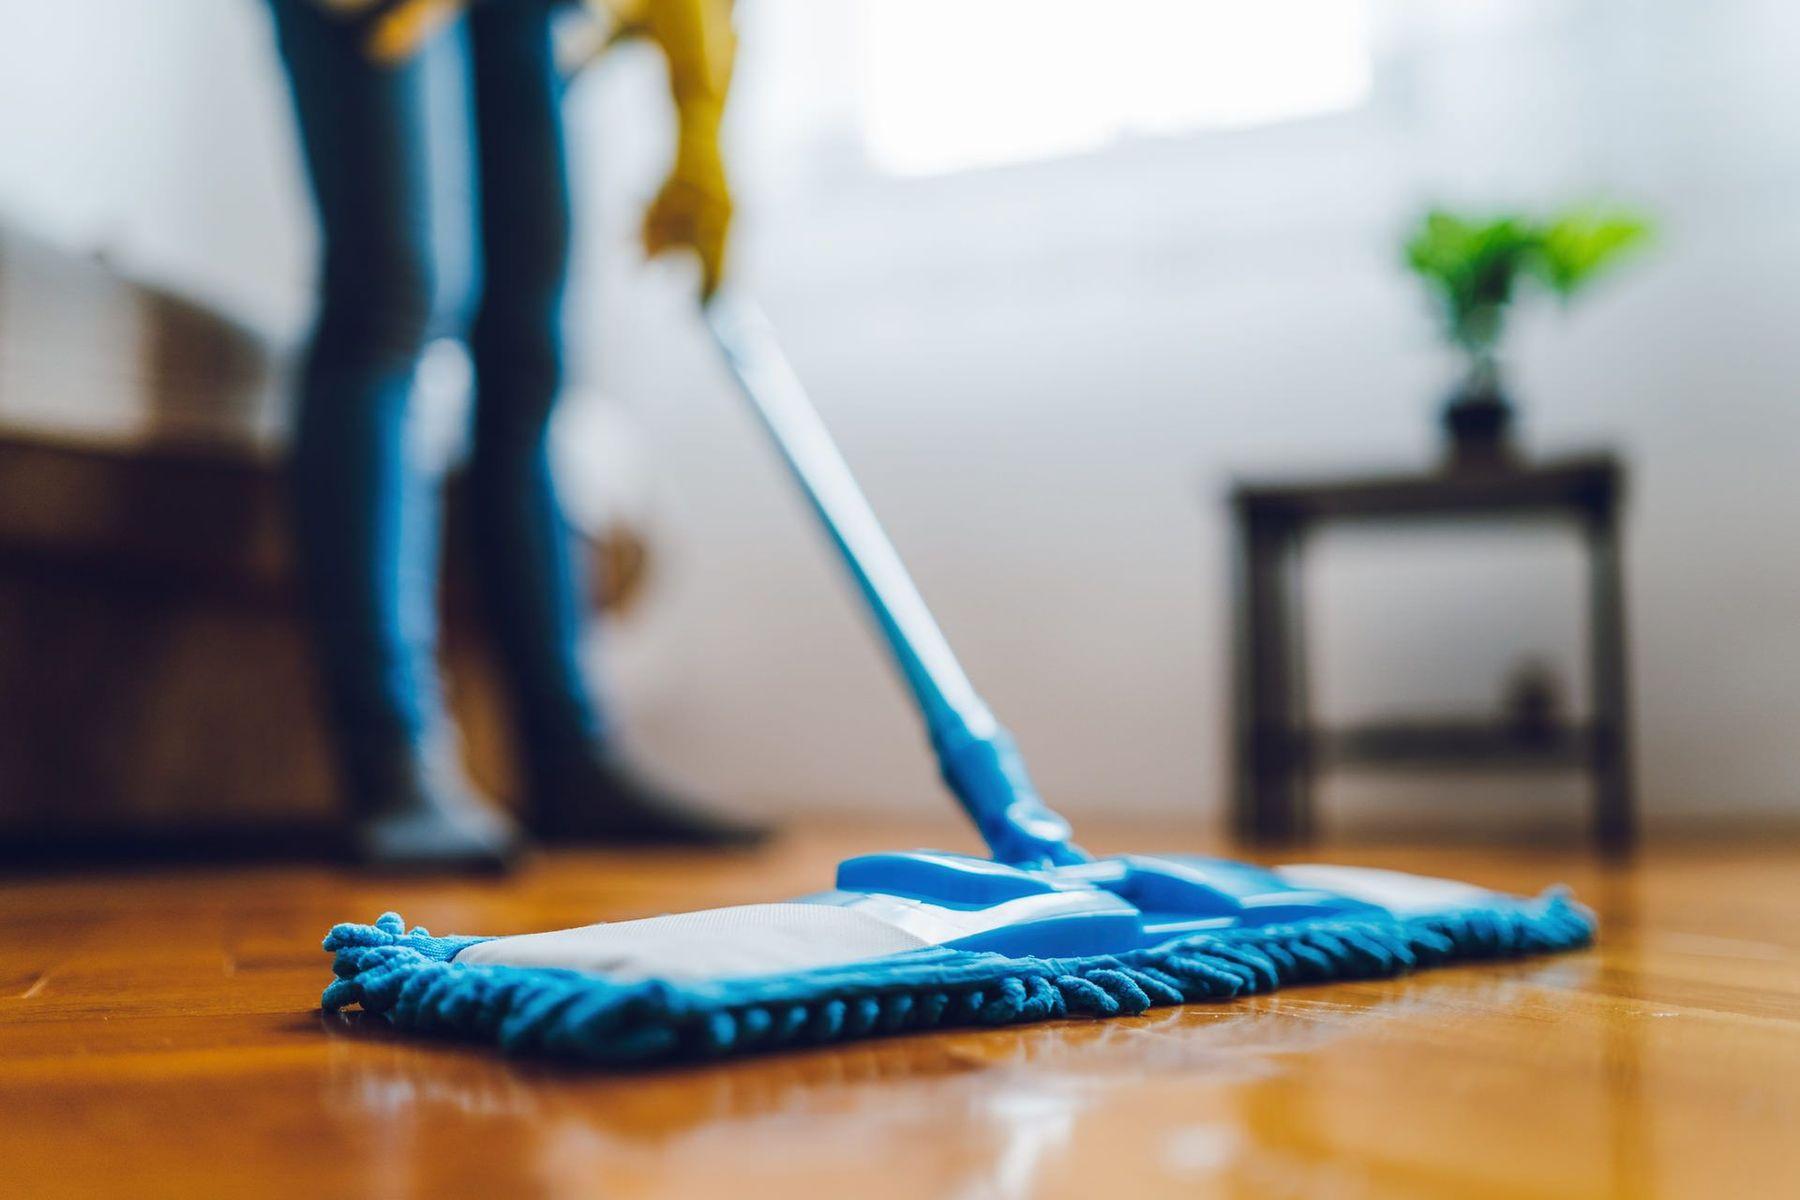 Cách lau nhà sạch bóng - các mẹo thông minh